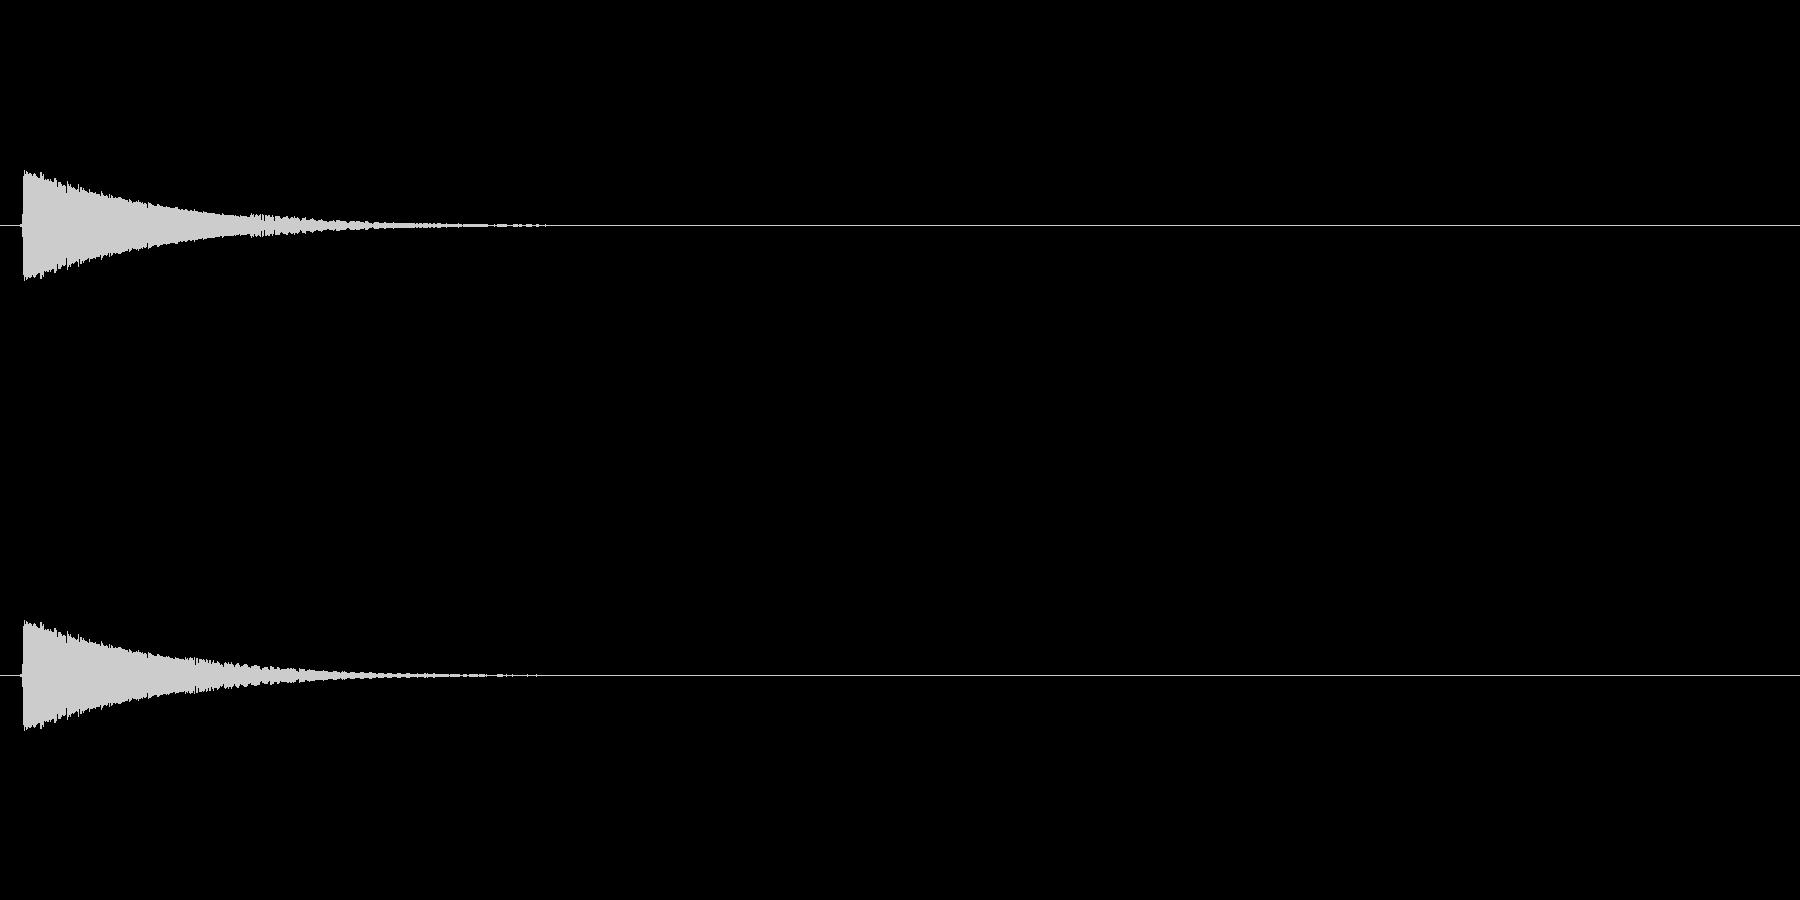 ポヨン(ゲーム用ジャンプ音)の未再生の波形